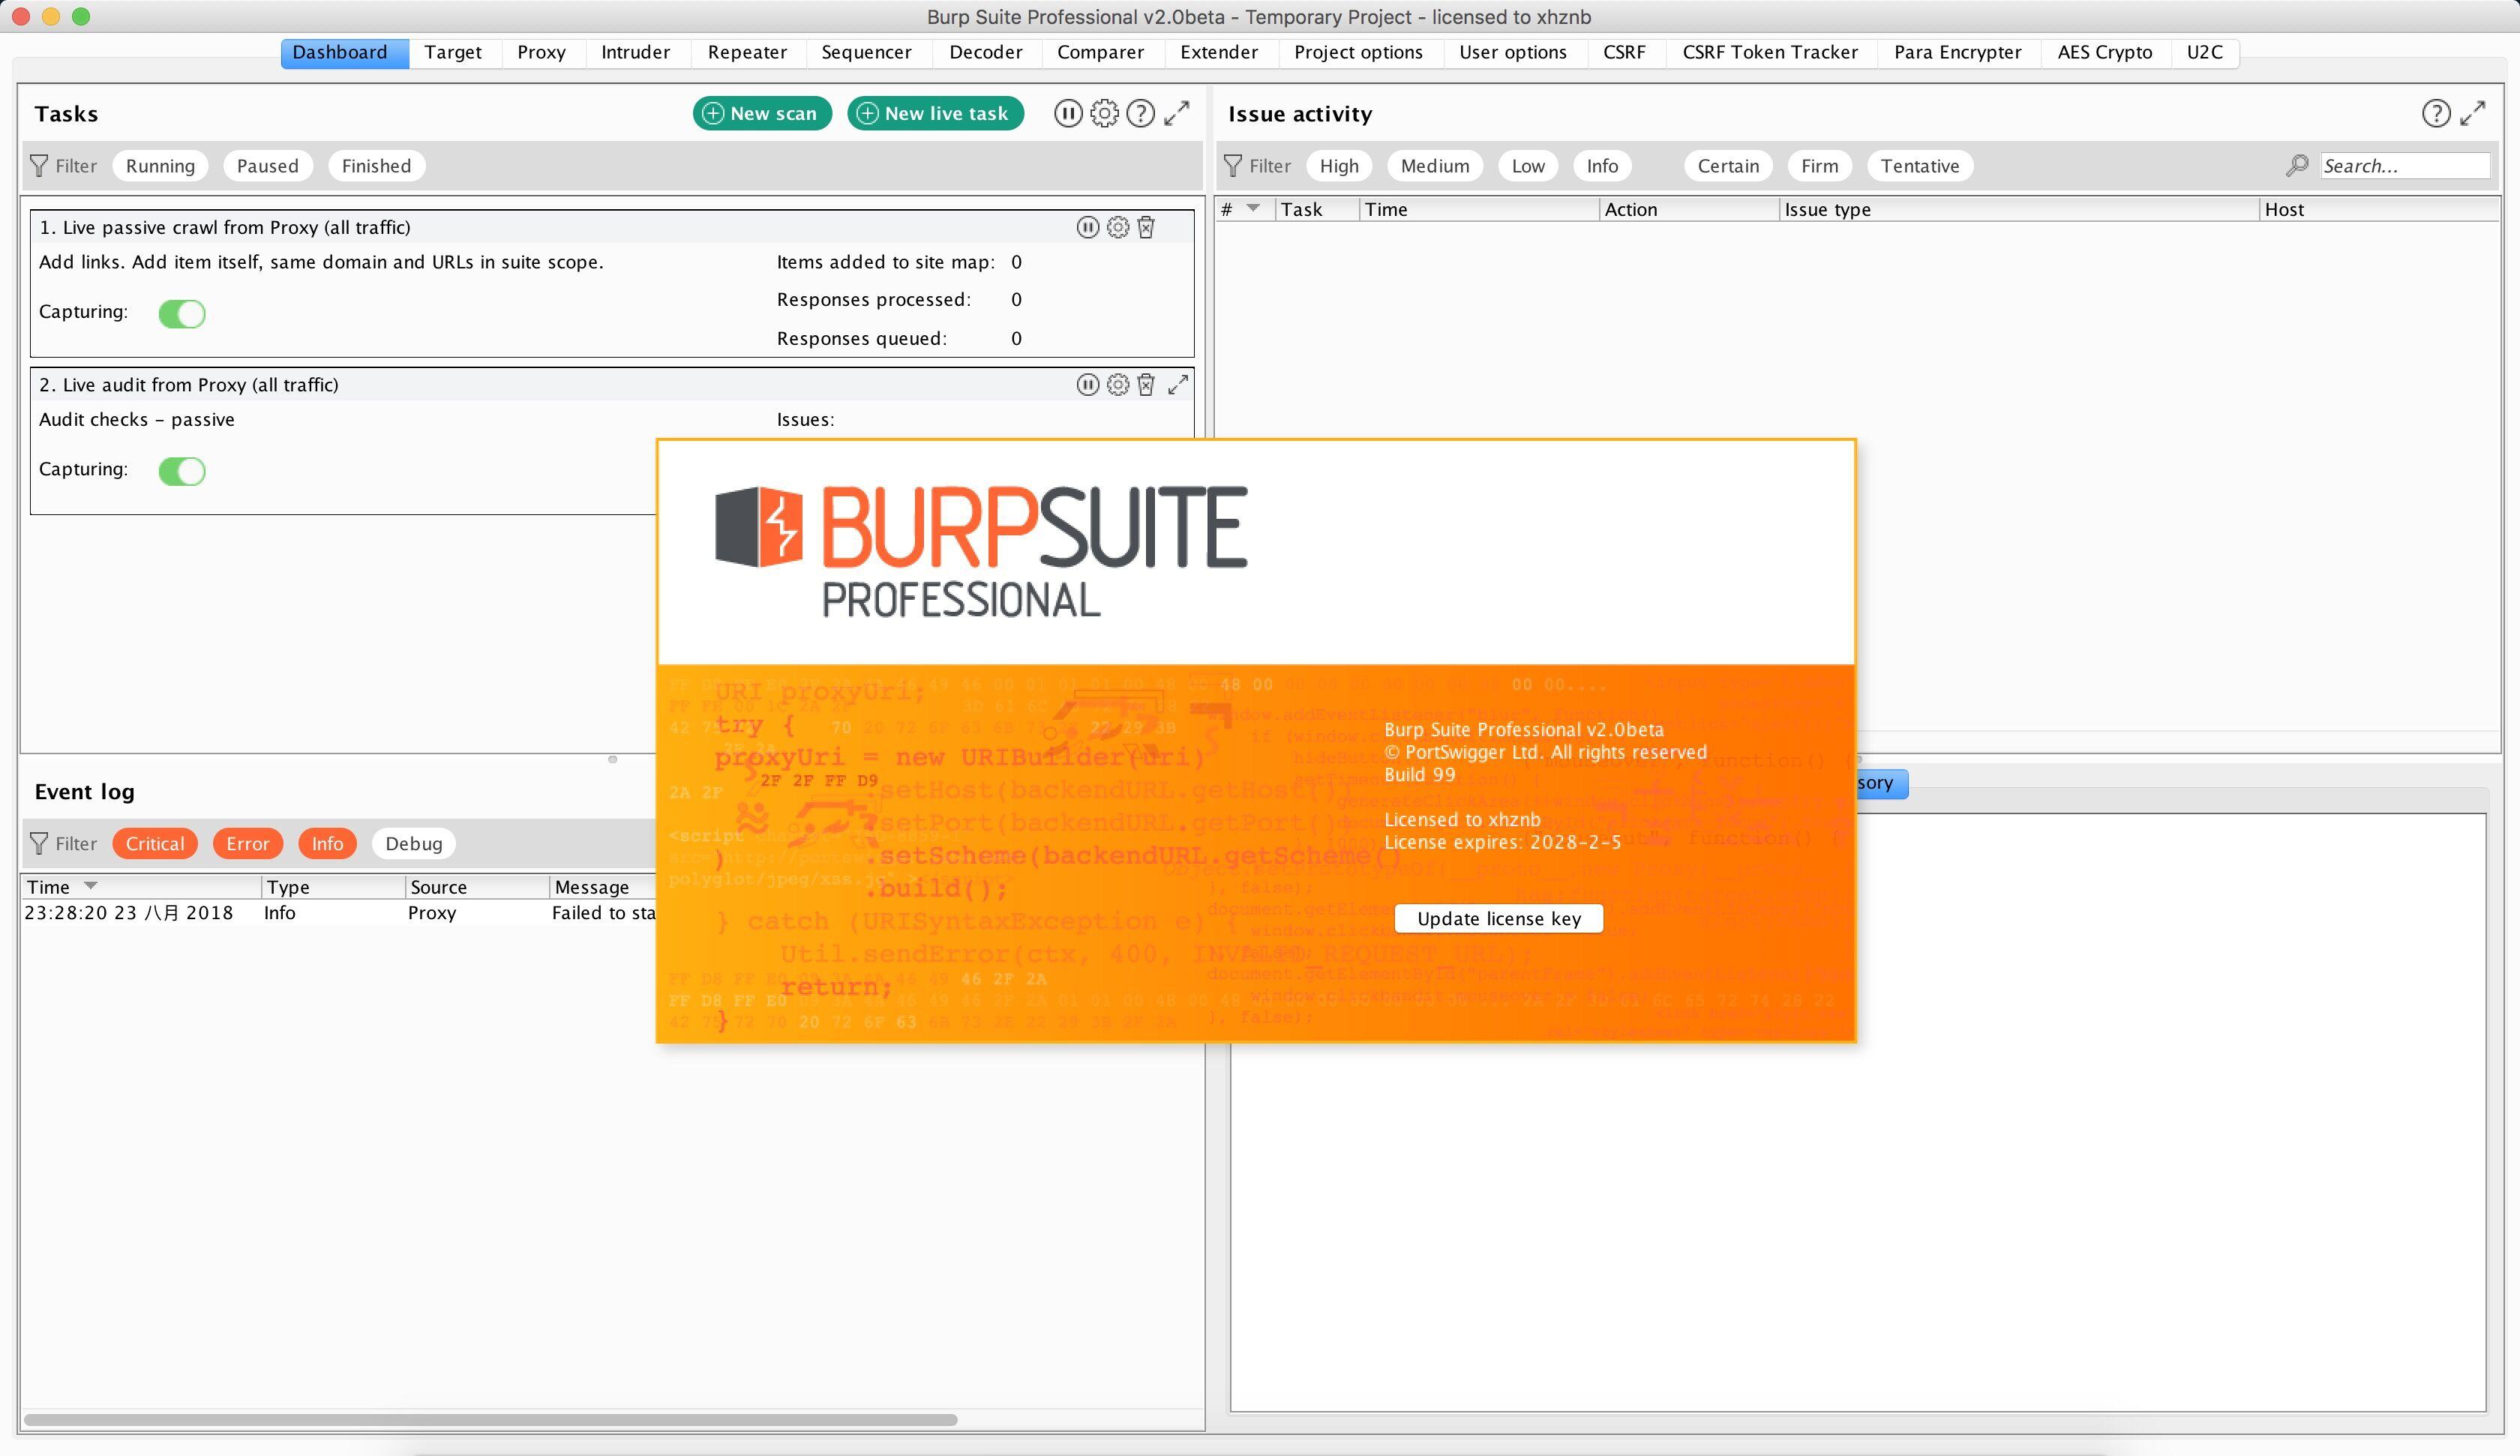 BurpSuite_Pro_v2.0beta抢先测试版